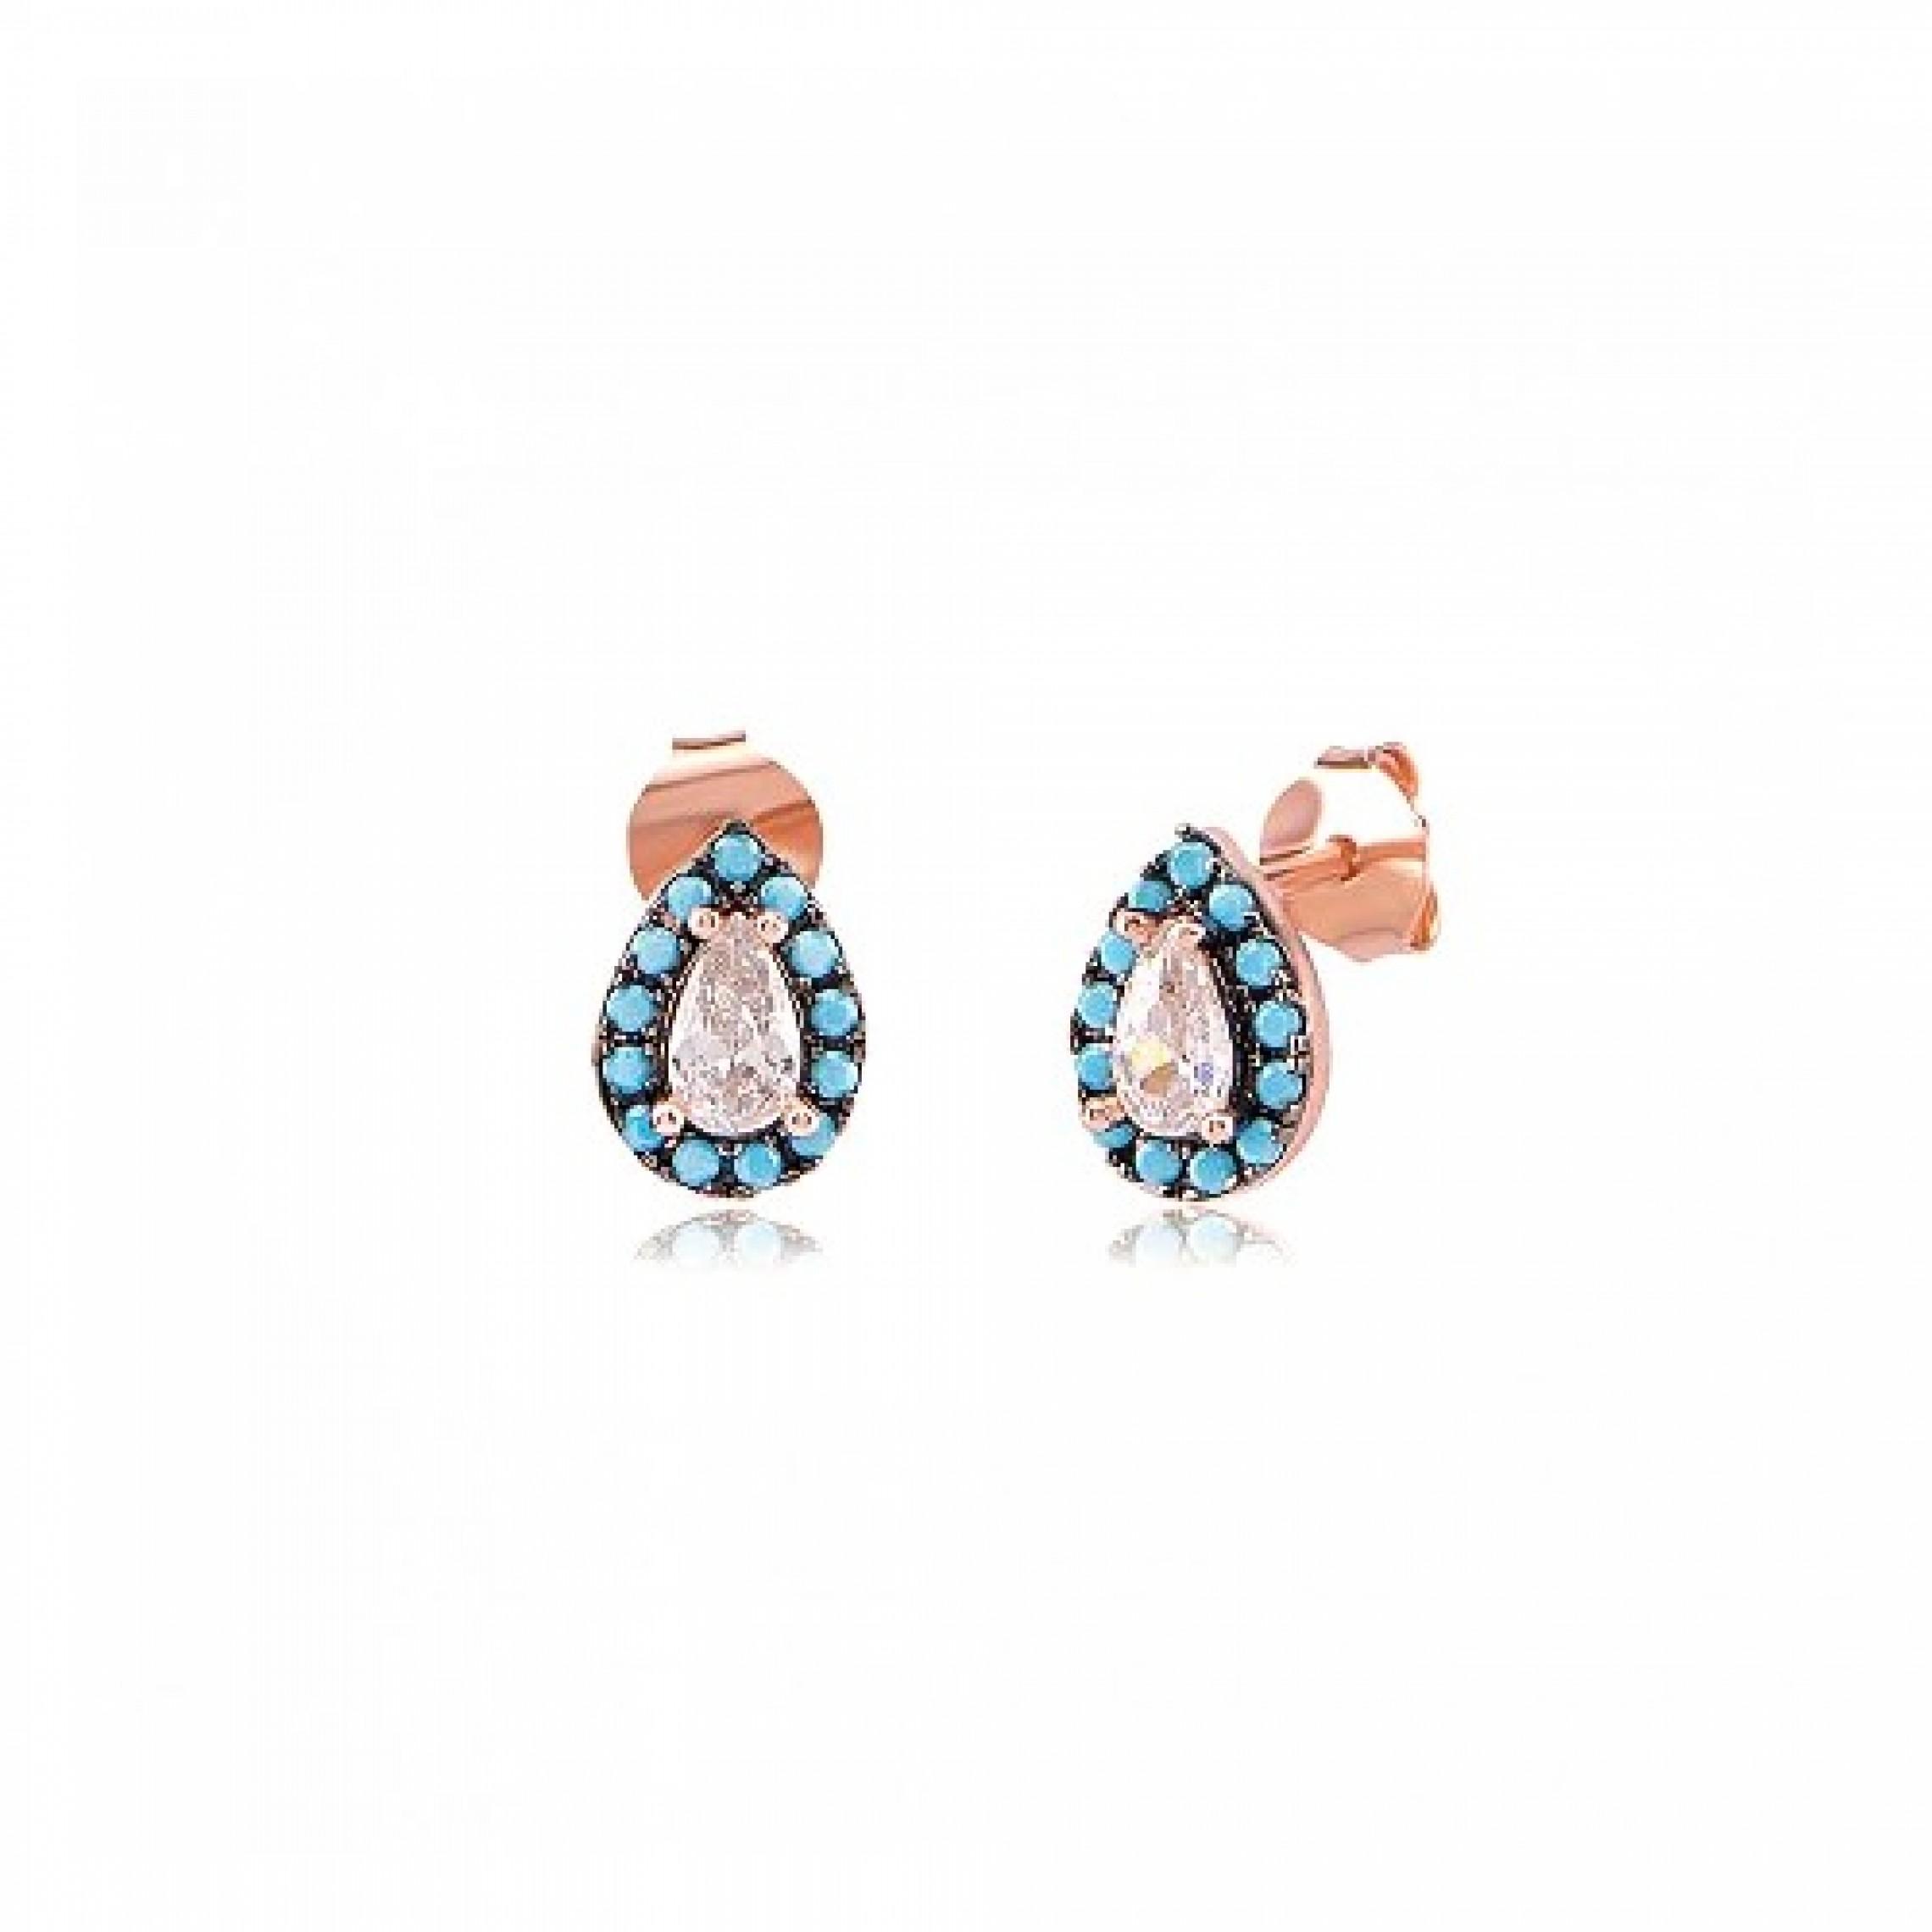 JE-210057 Evil Eye 925 Sterling Silver CZ Earrings